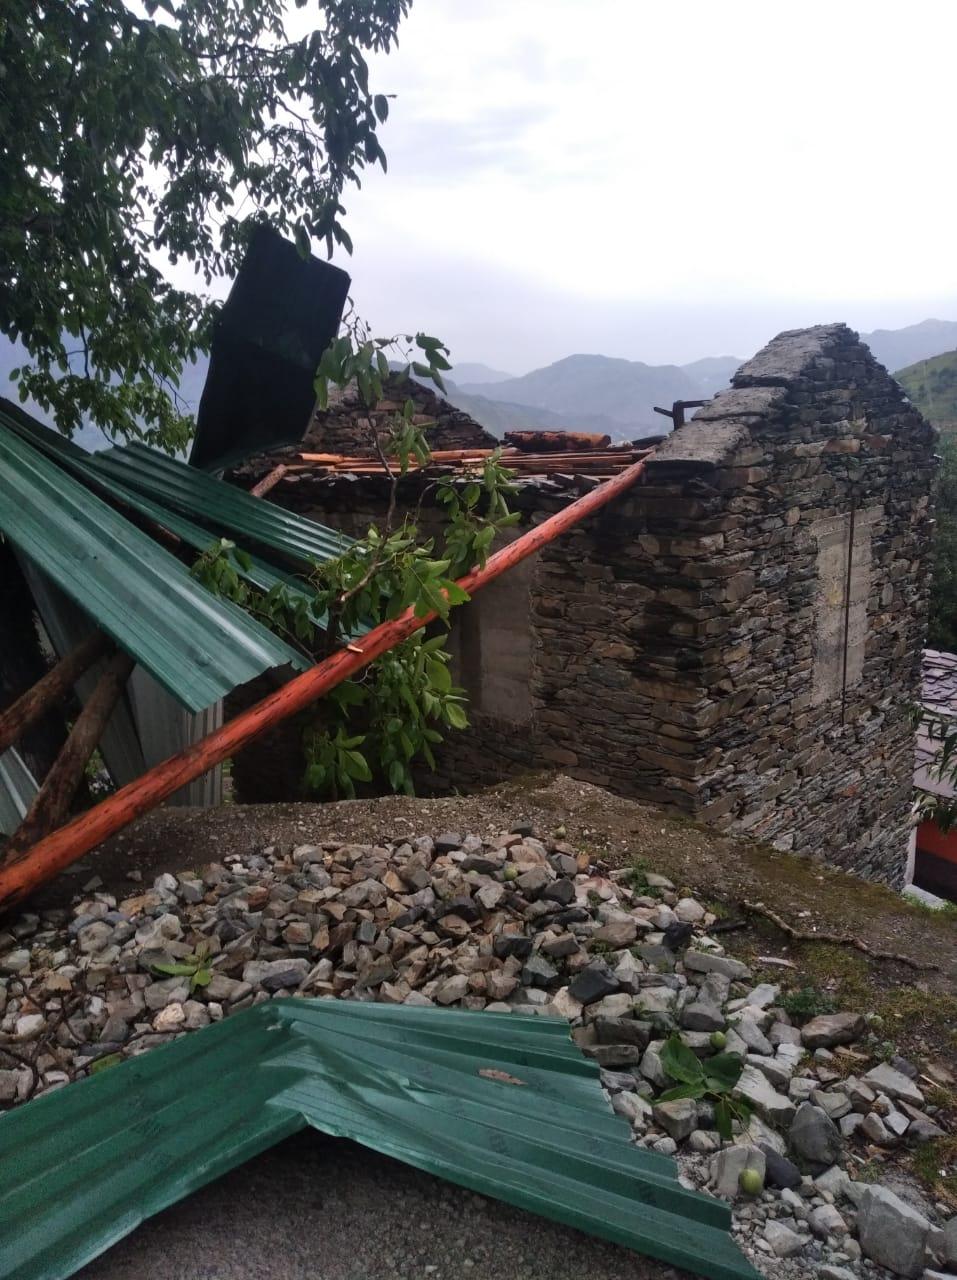 गिरिपार क्षेत्र में तेज आंधी तूफान ने पहुँचाया भारी नुकसान